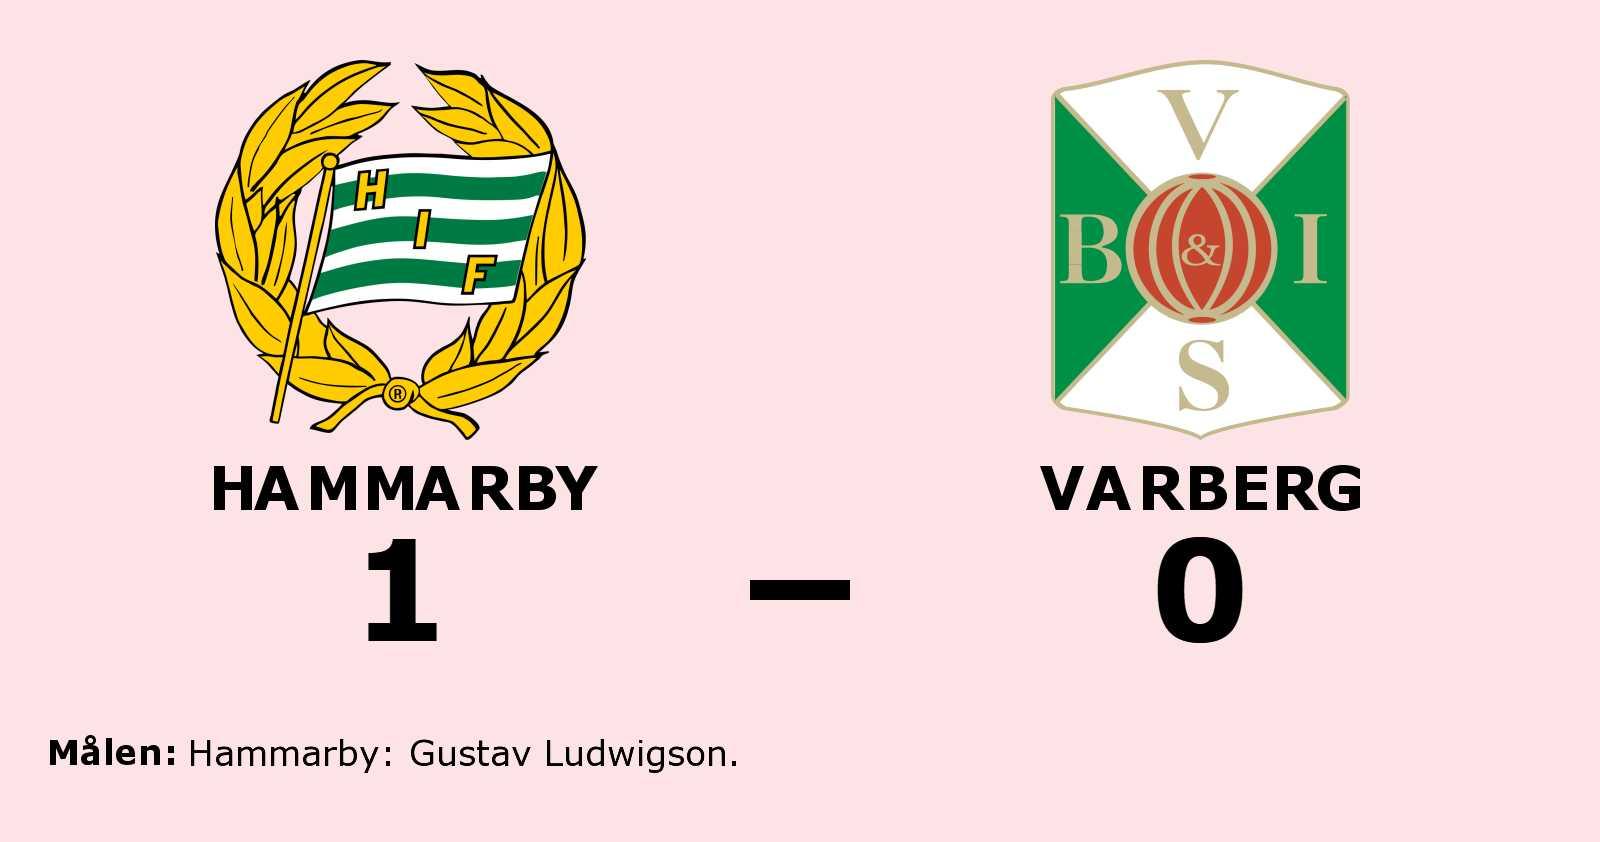 Gustav Ludwigson matchhjälte för Hammarby